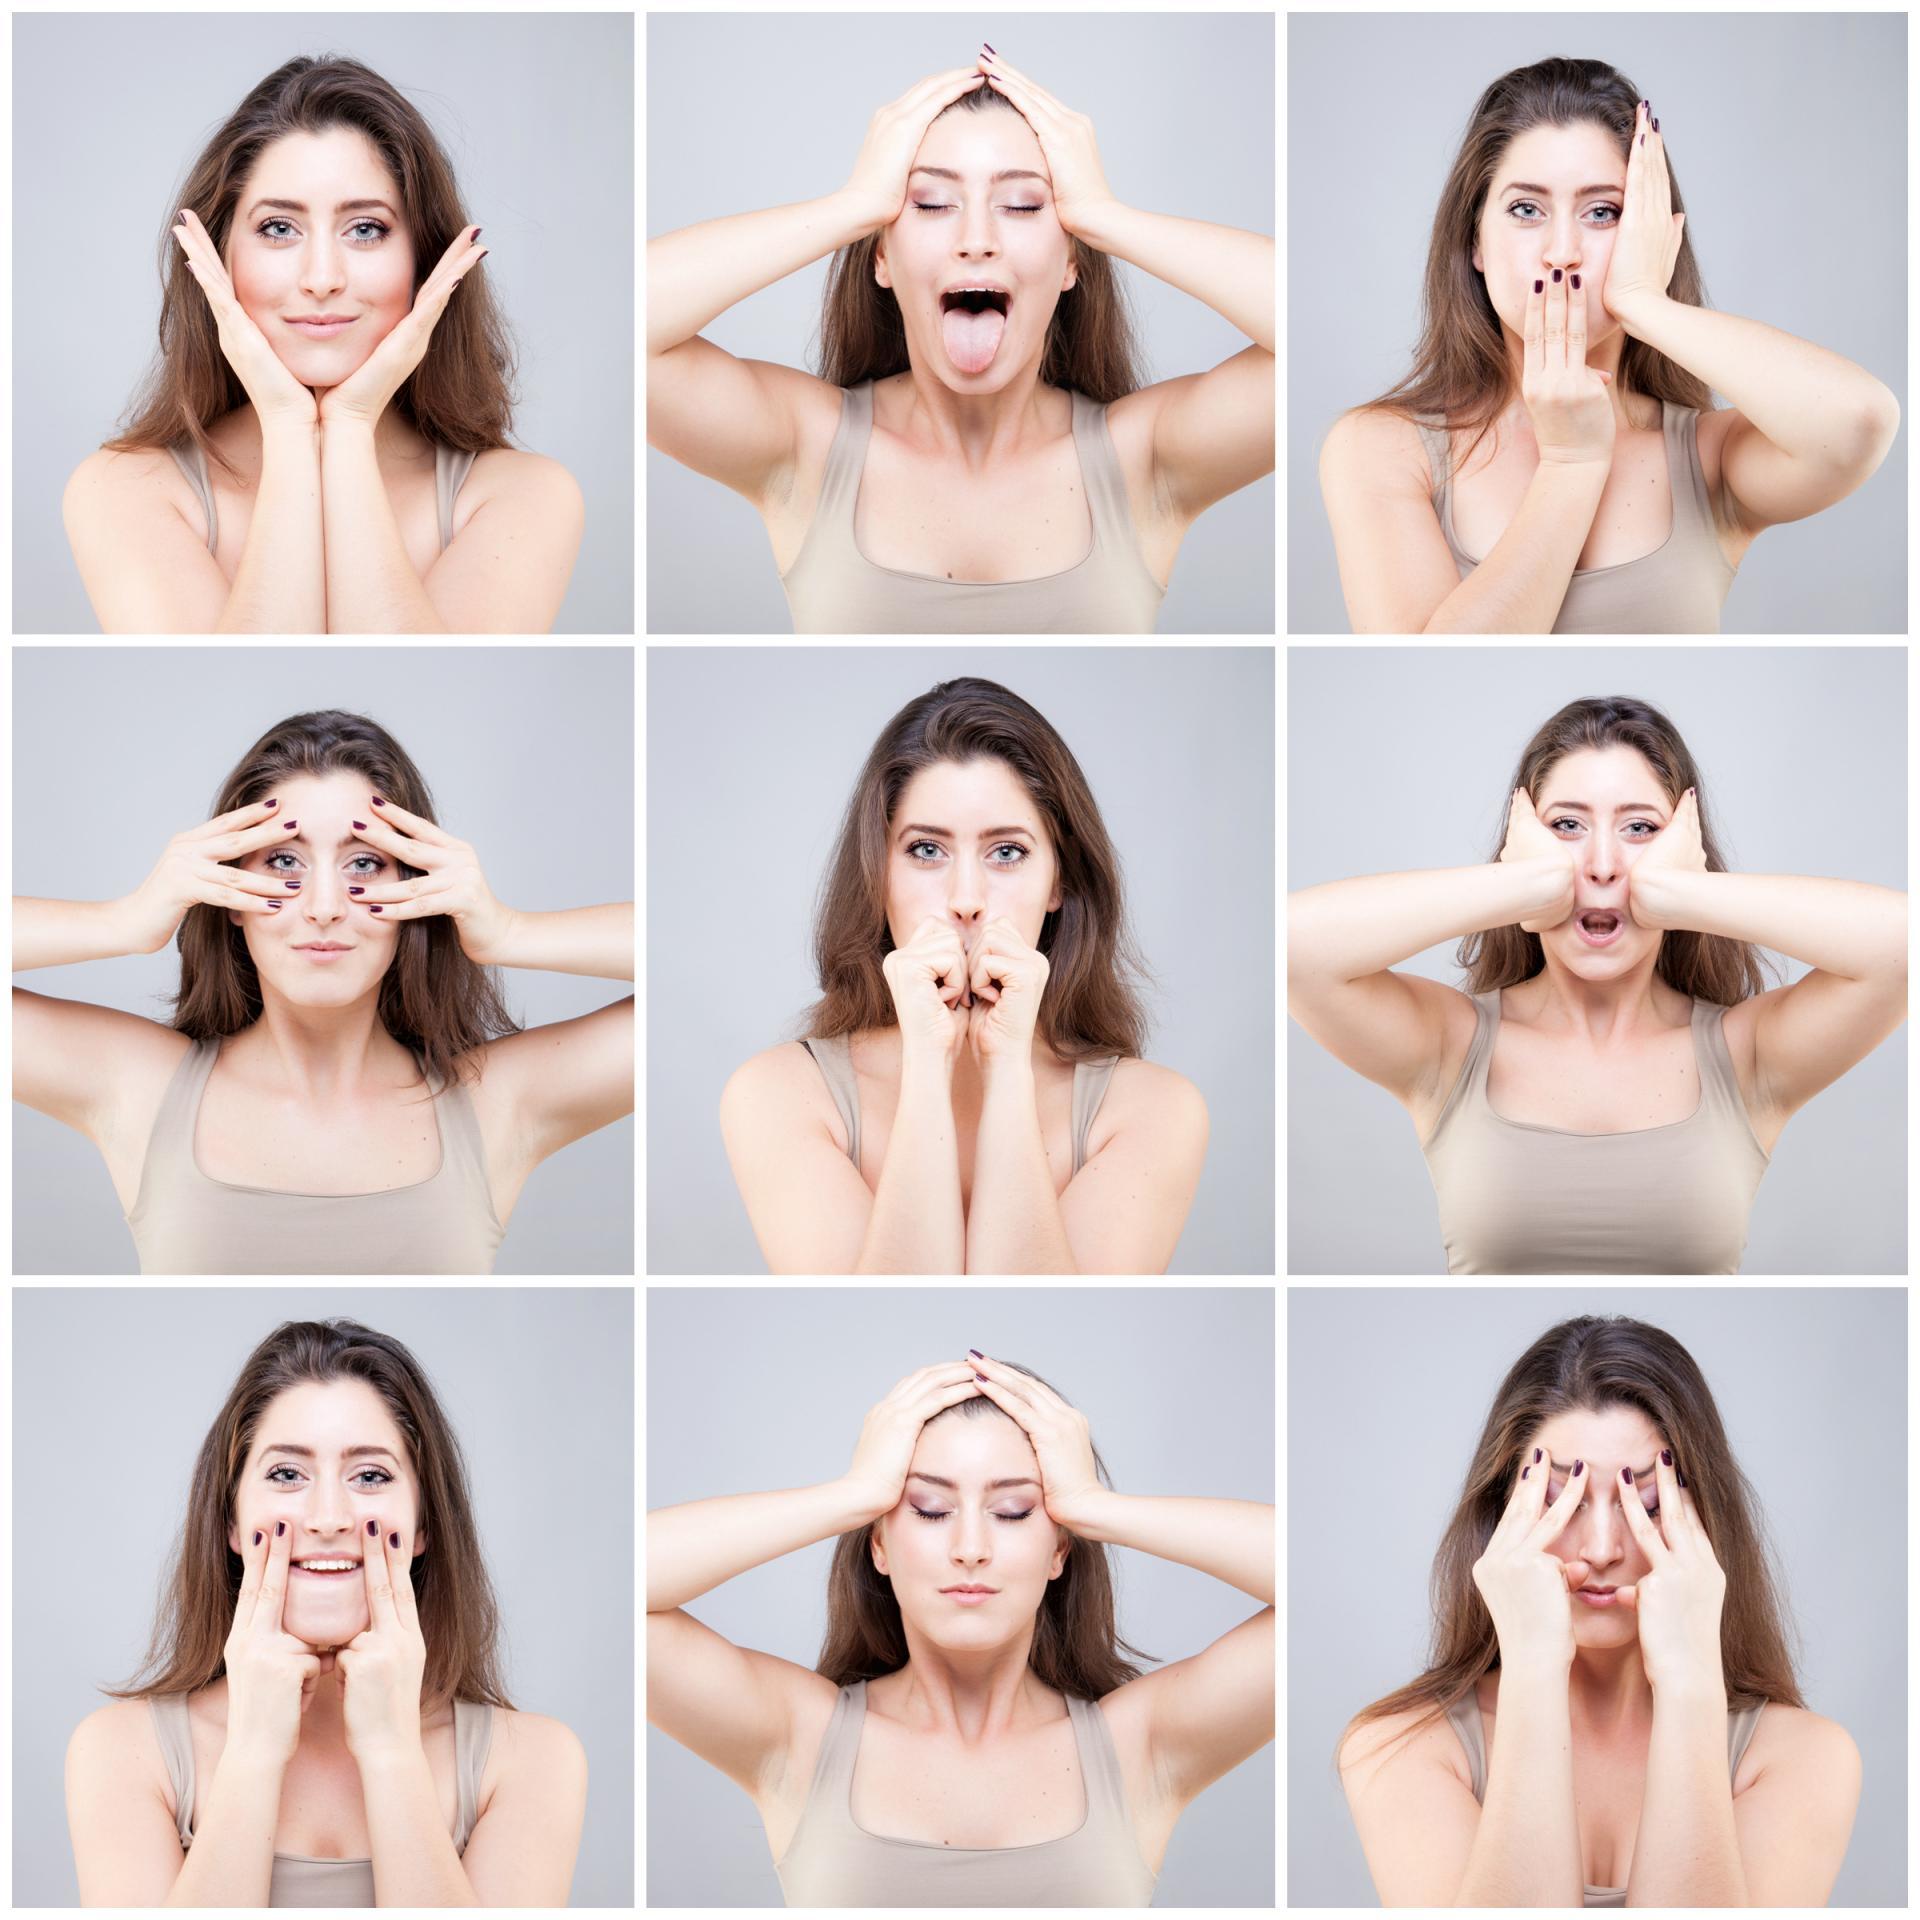 Упражнения для похудения лица щек и подбородка